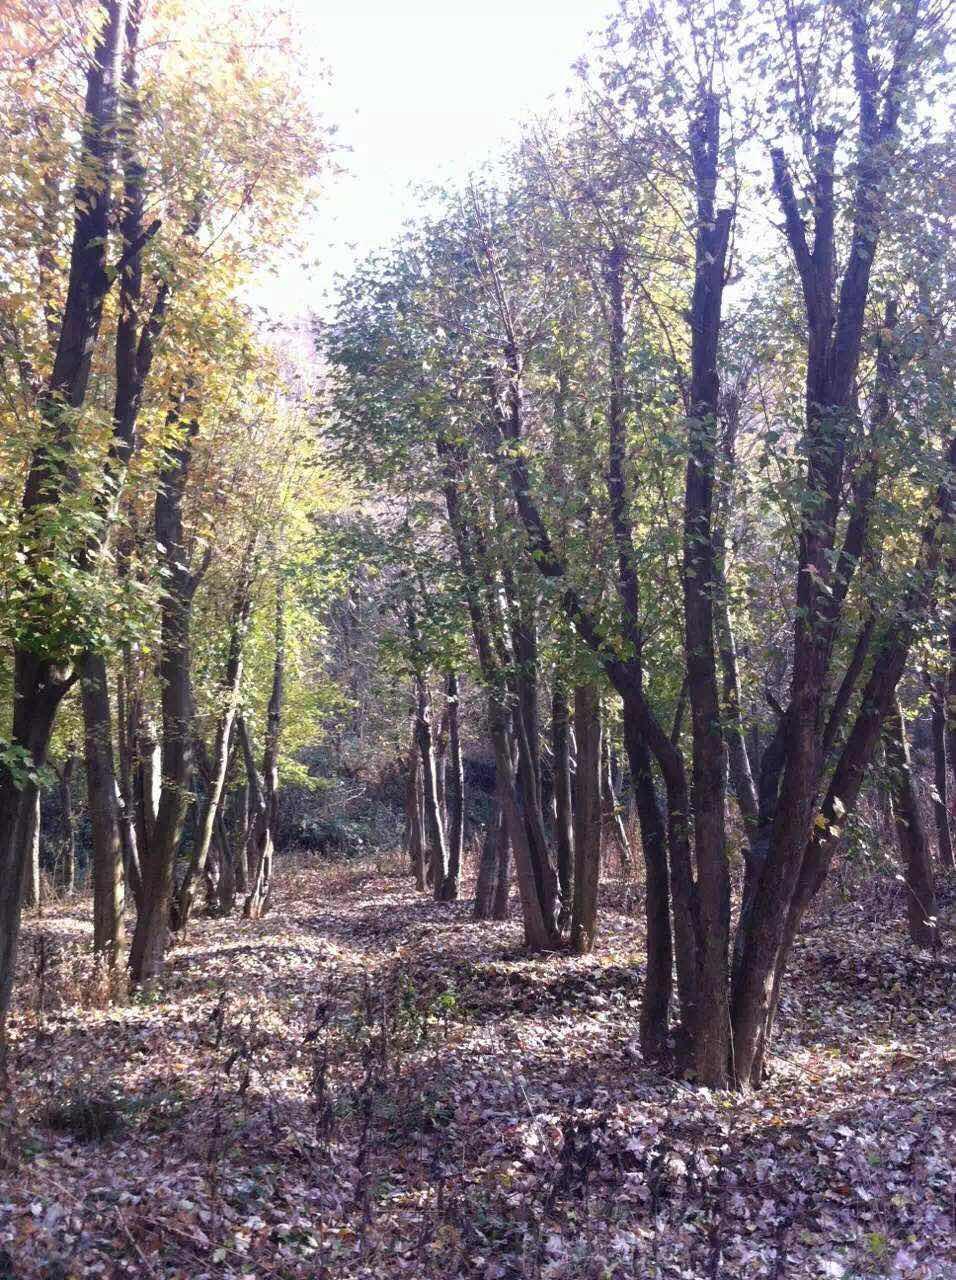 丛生朴树,美国红枫,元宝枫,枫香,五角枫